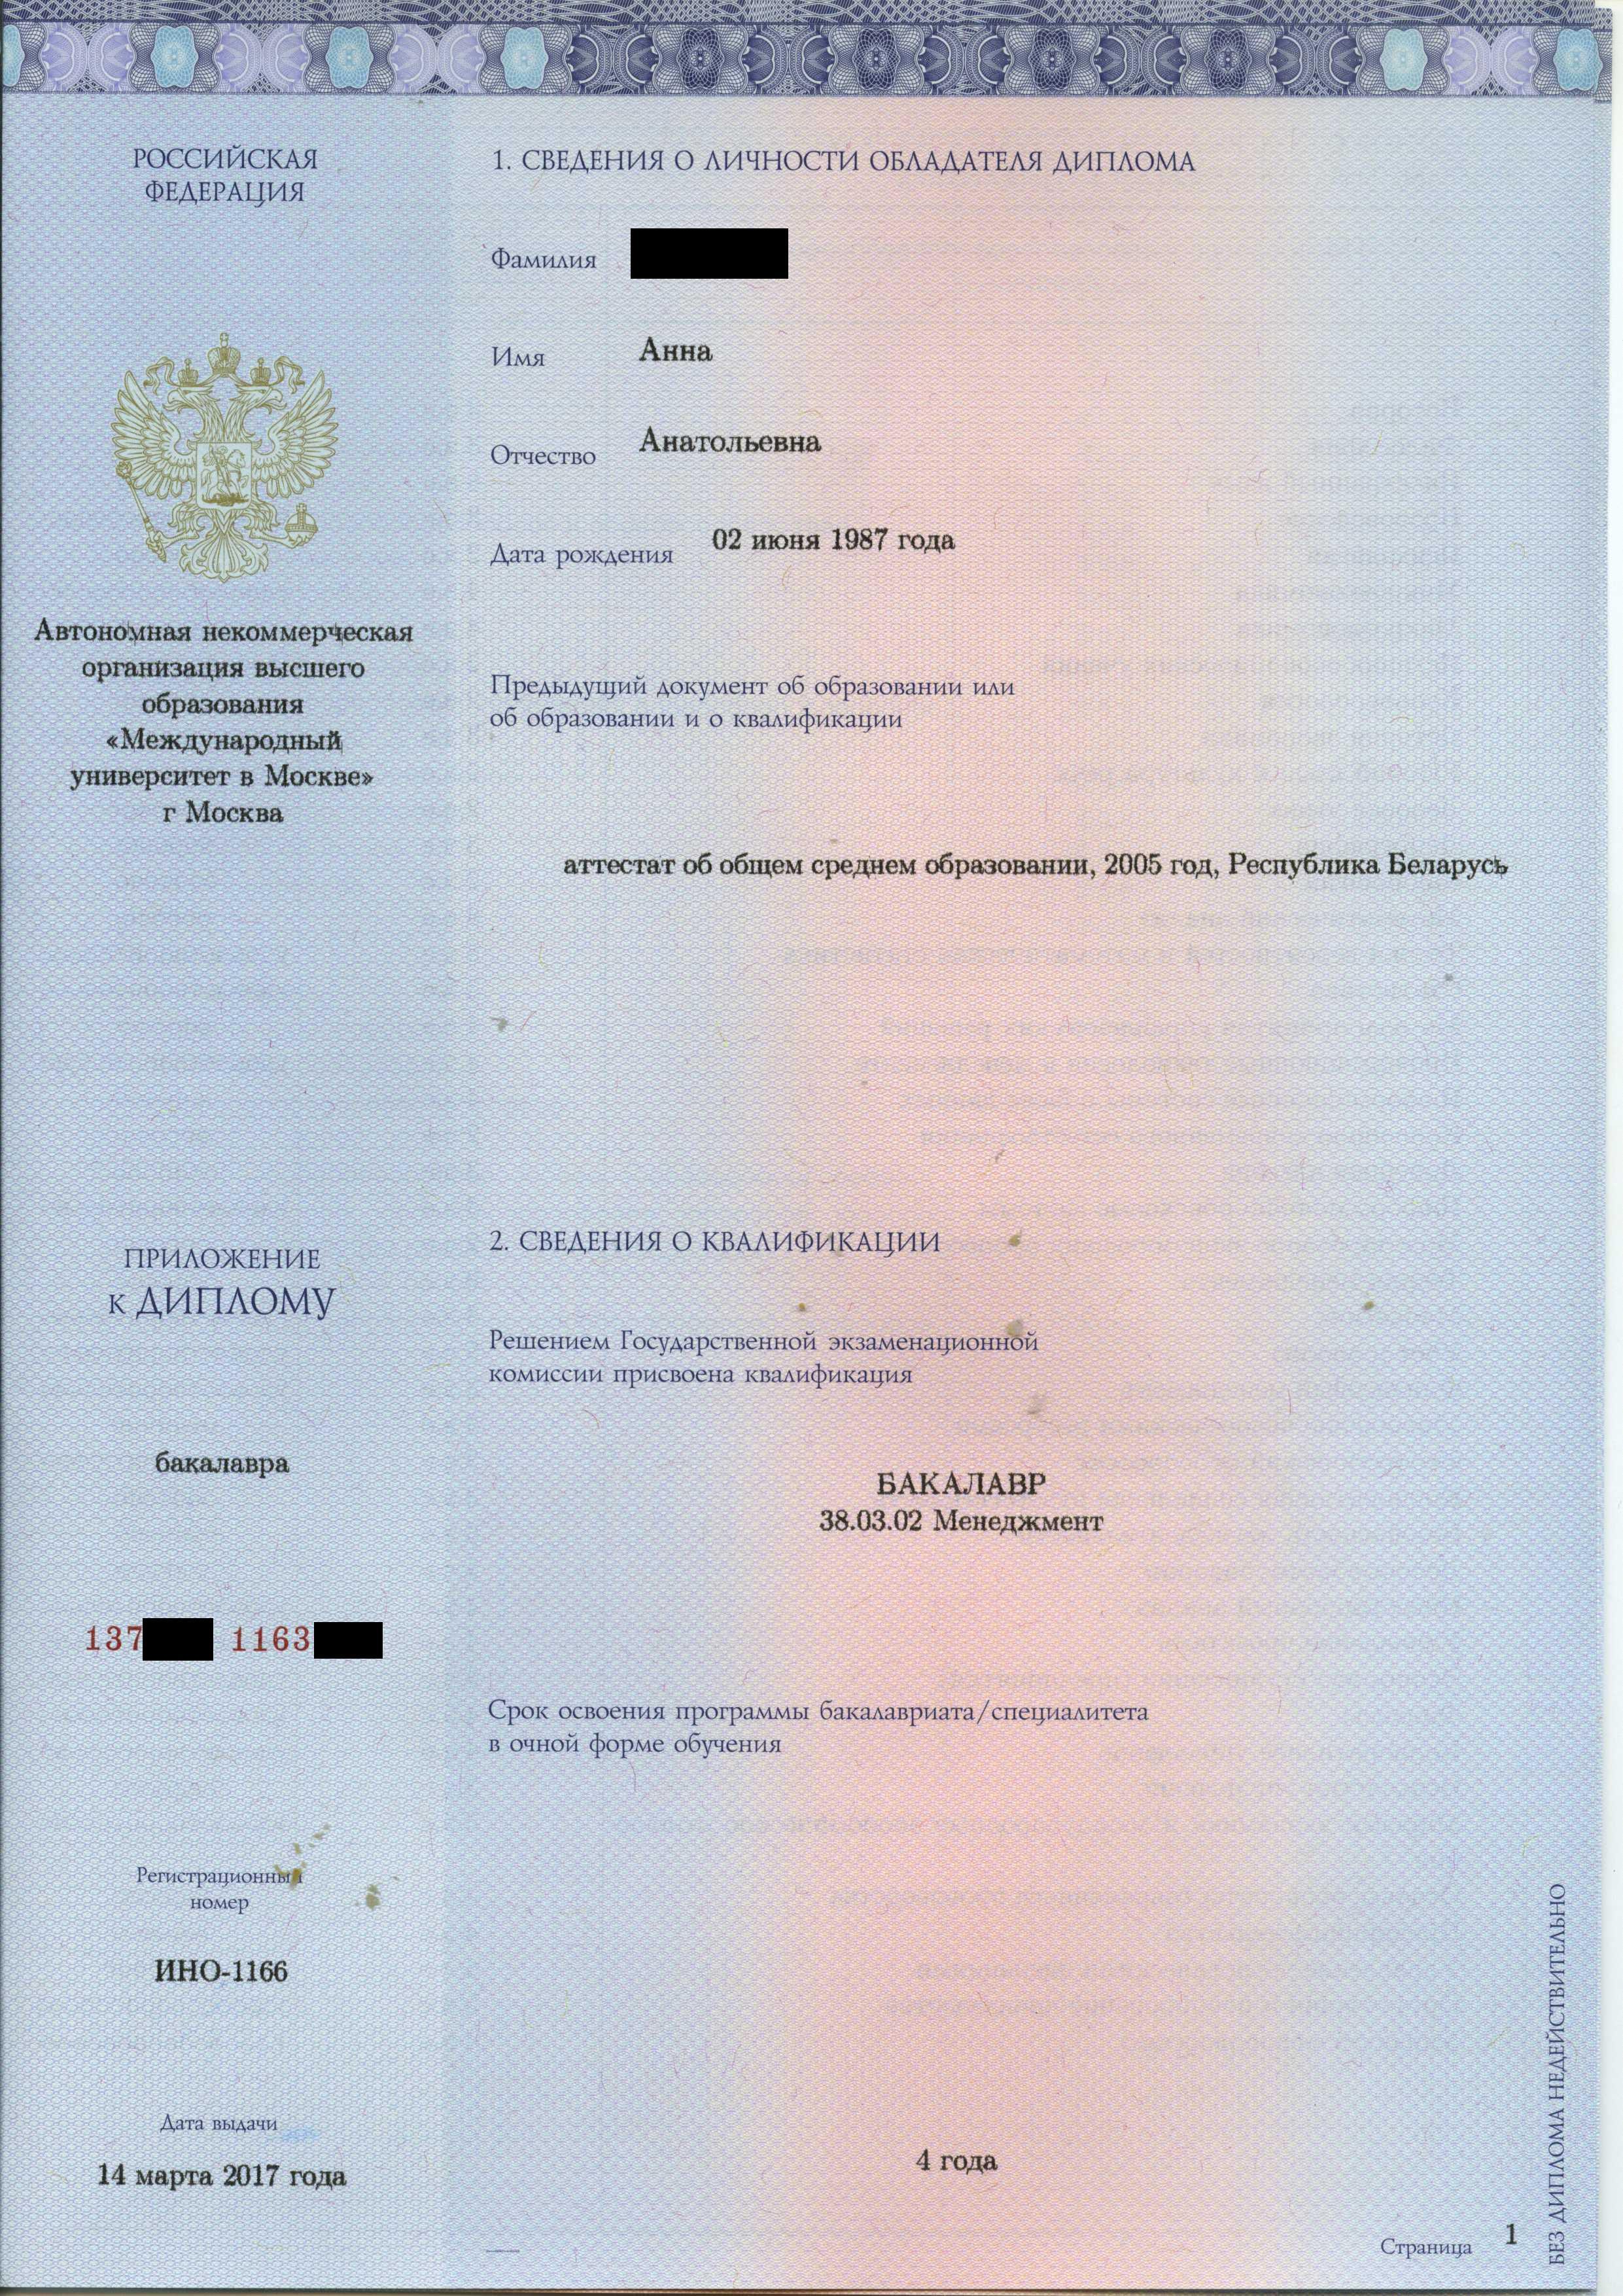 работа с российским дипломом заочной формы обучения в беларуси и  как выглядит выписка диплома о высшем образовании рф бакалавр